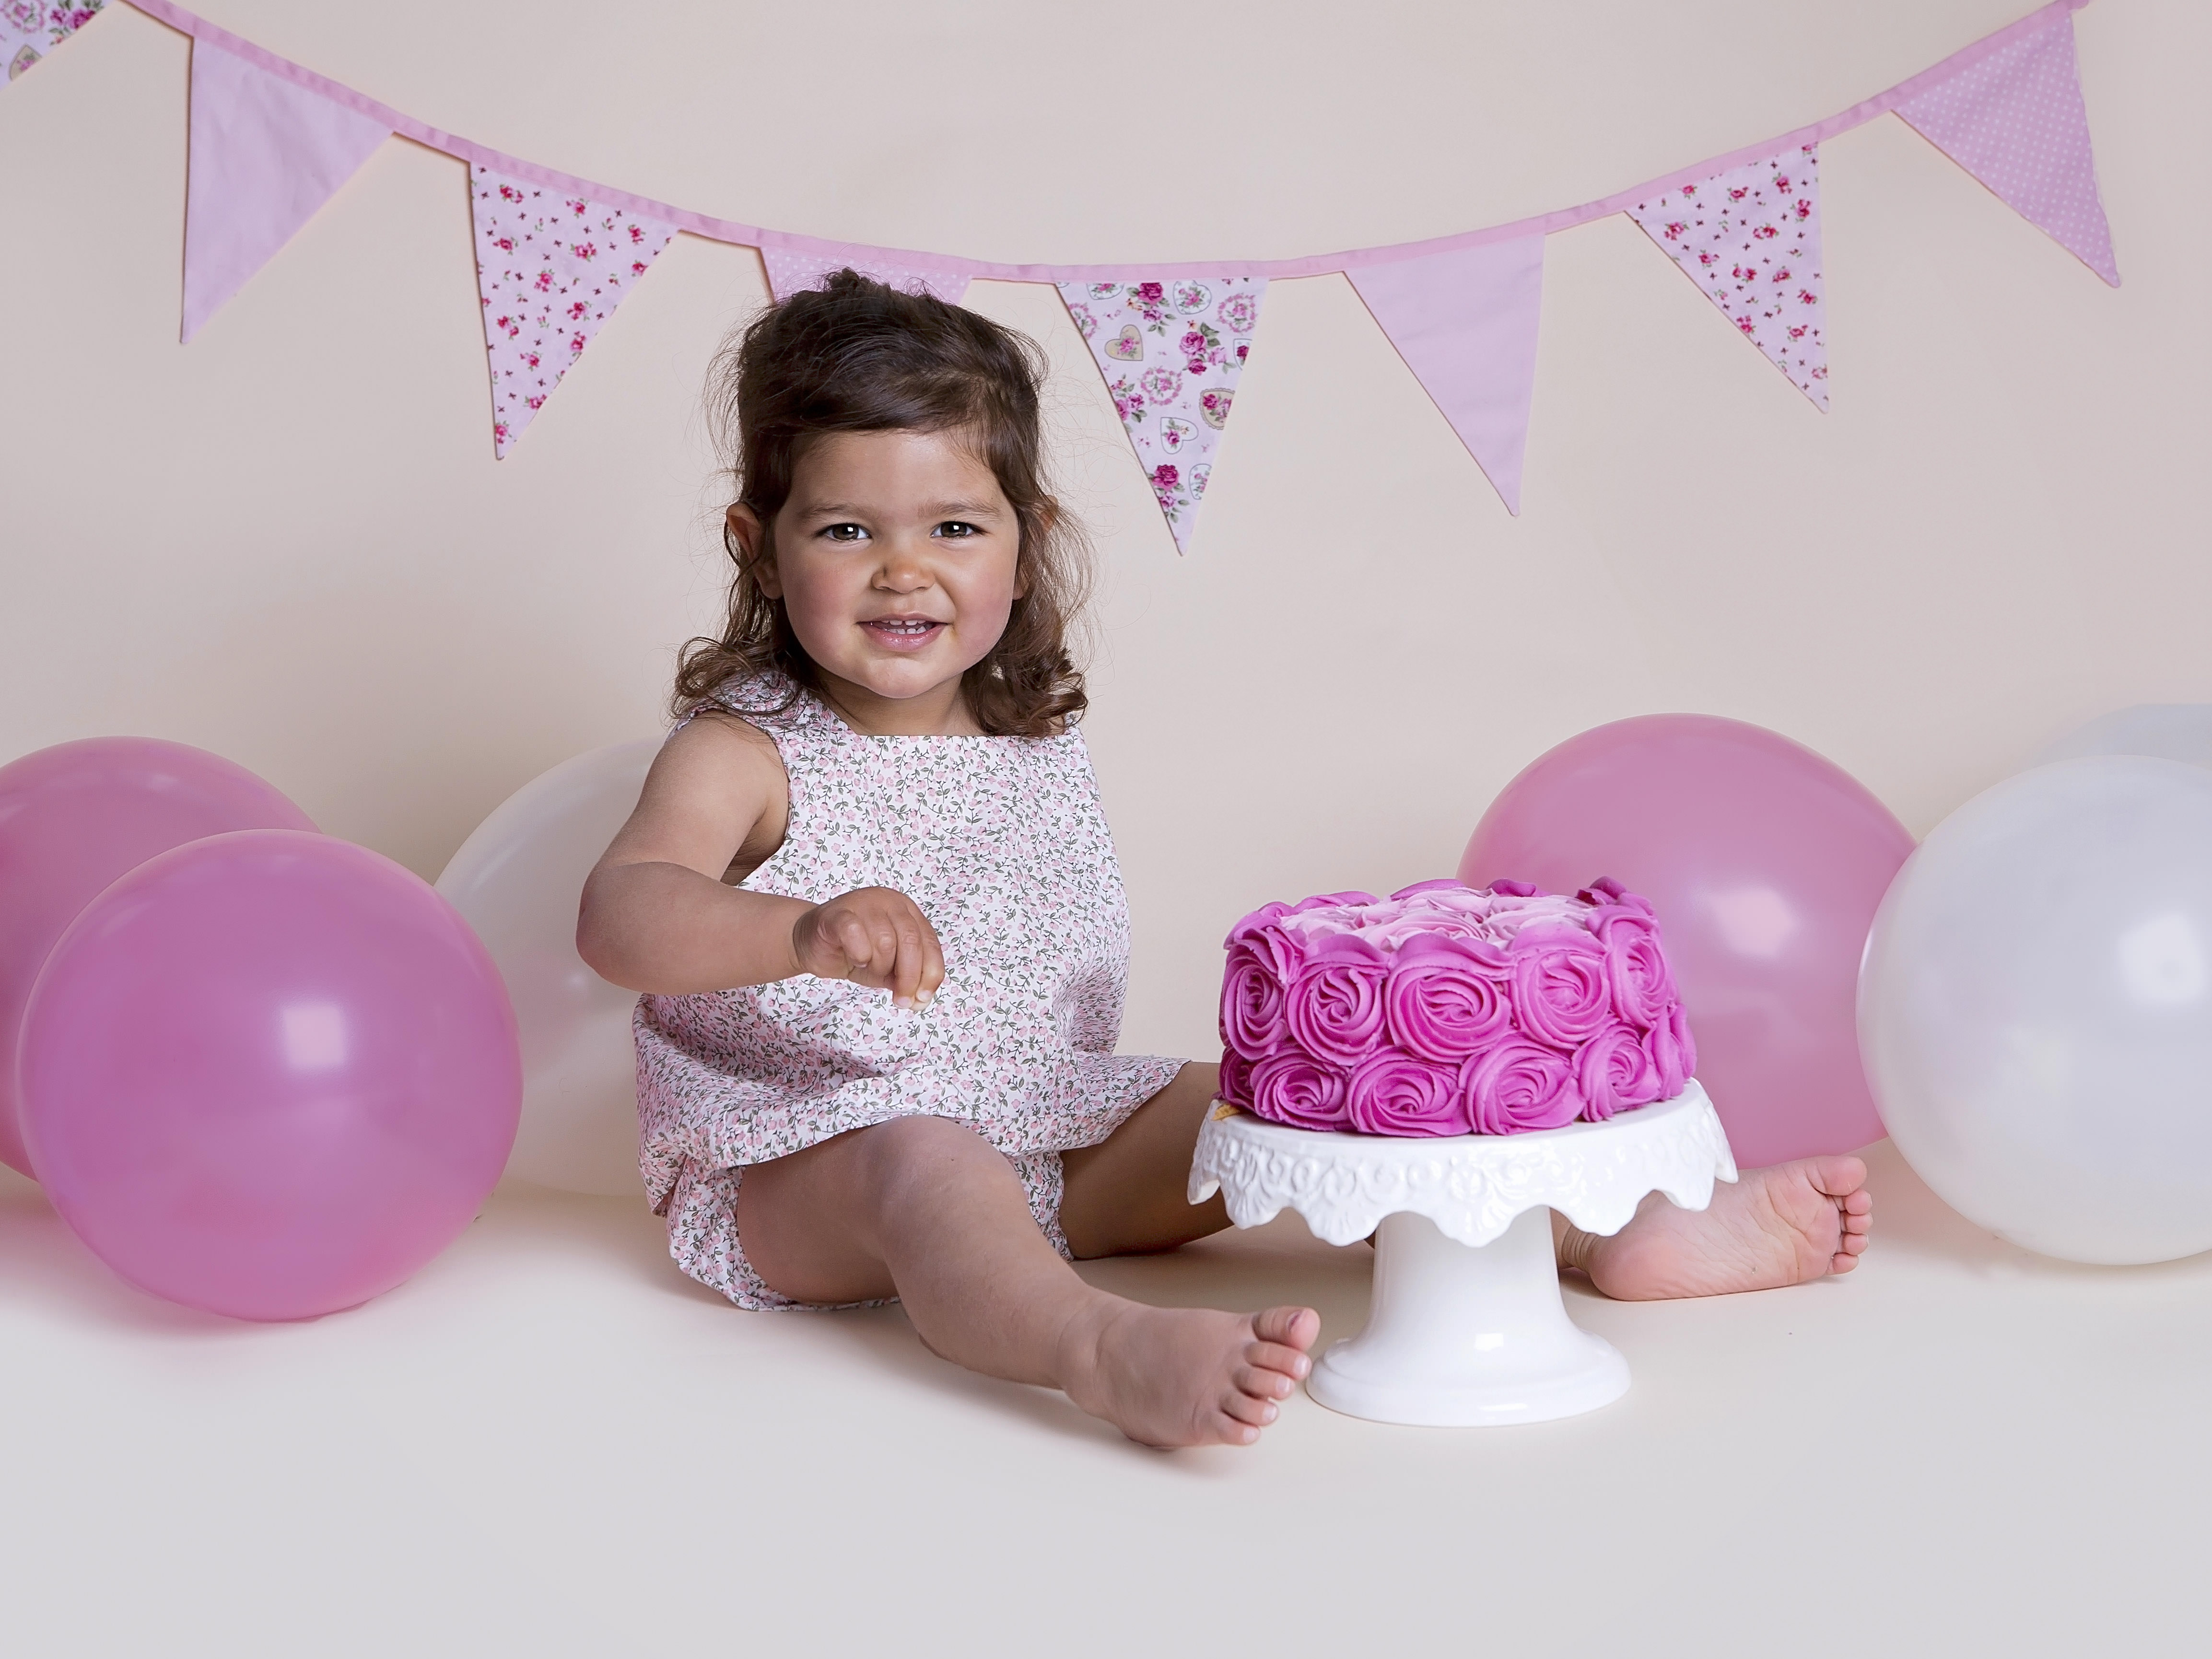 cake smash photos winchester hampshire